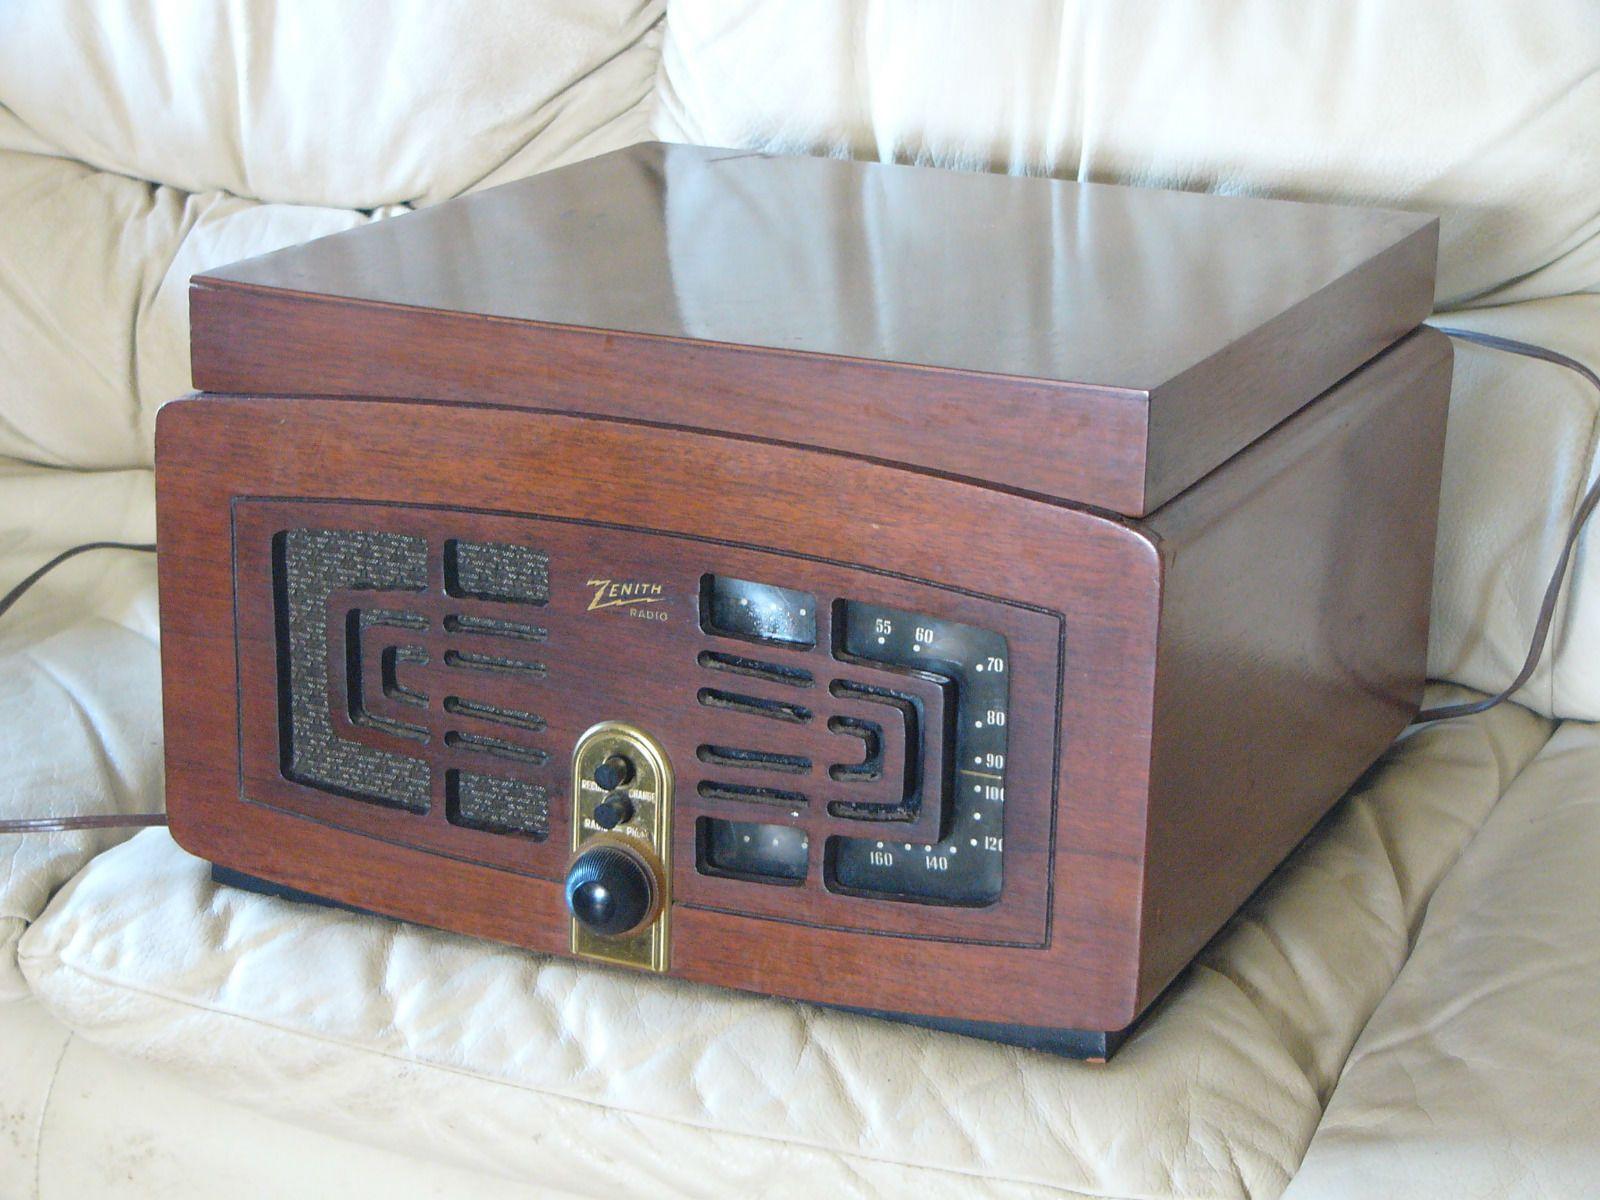 Vintage Art Deco Zenith Radio Record Player Walnut Case 1946 1947 Radio Record Player Vintage Art Deco Radio